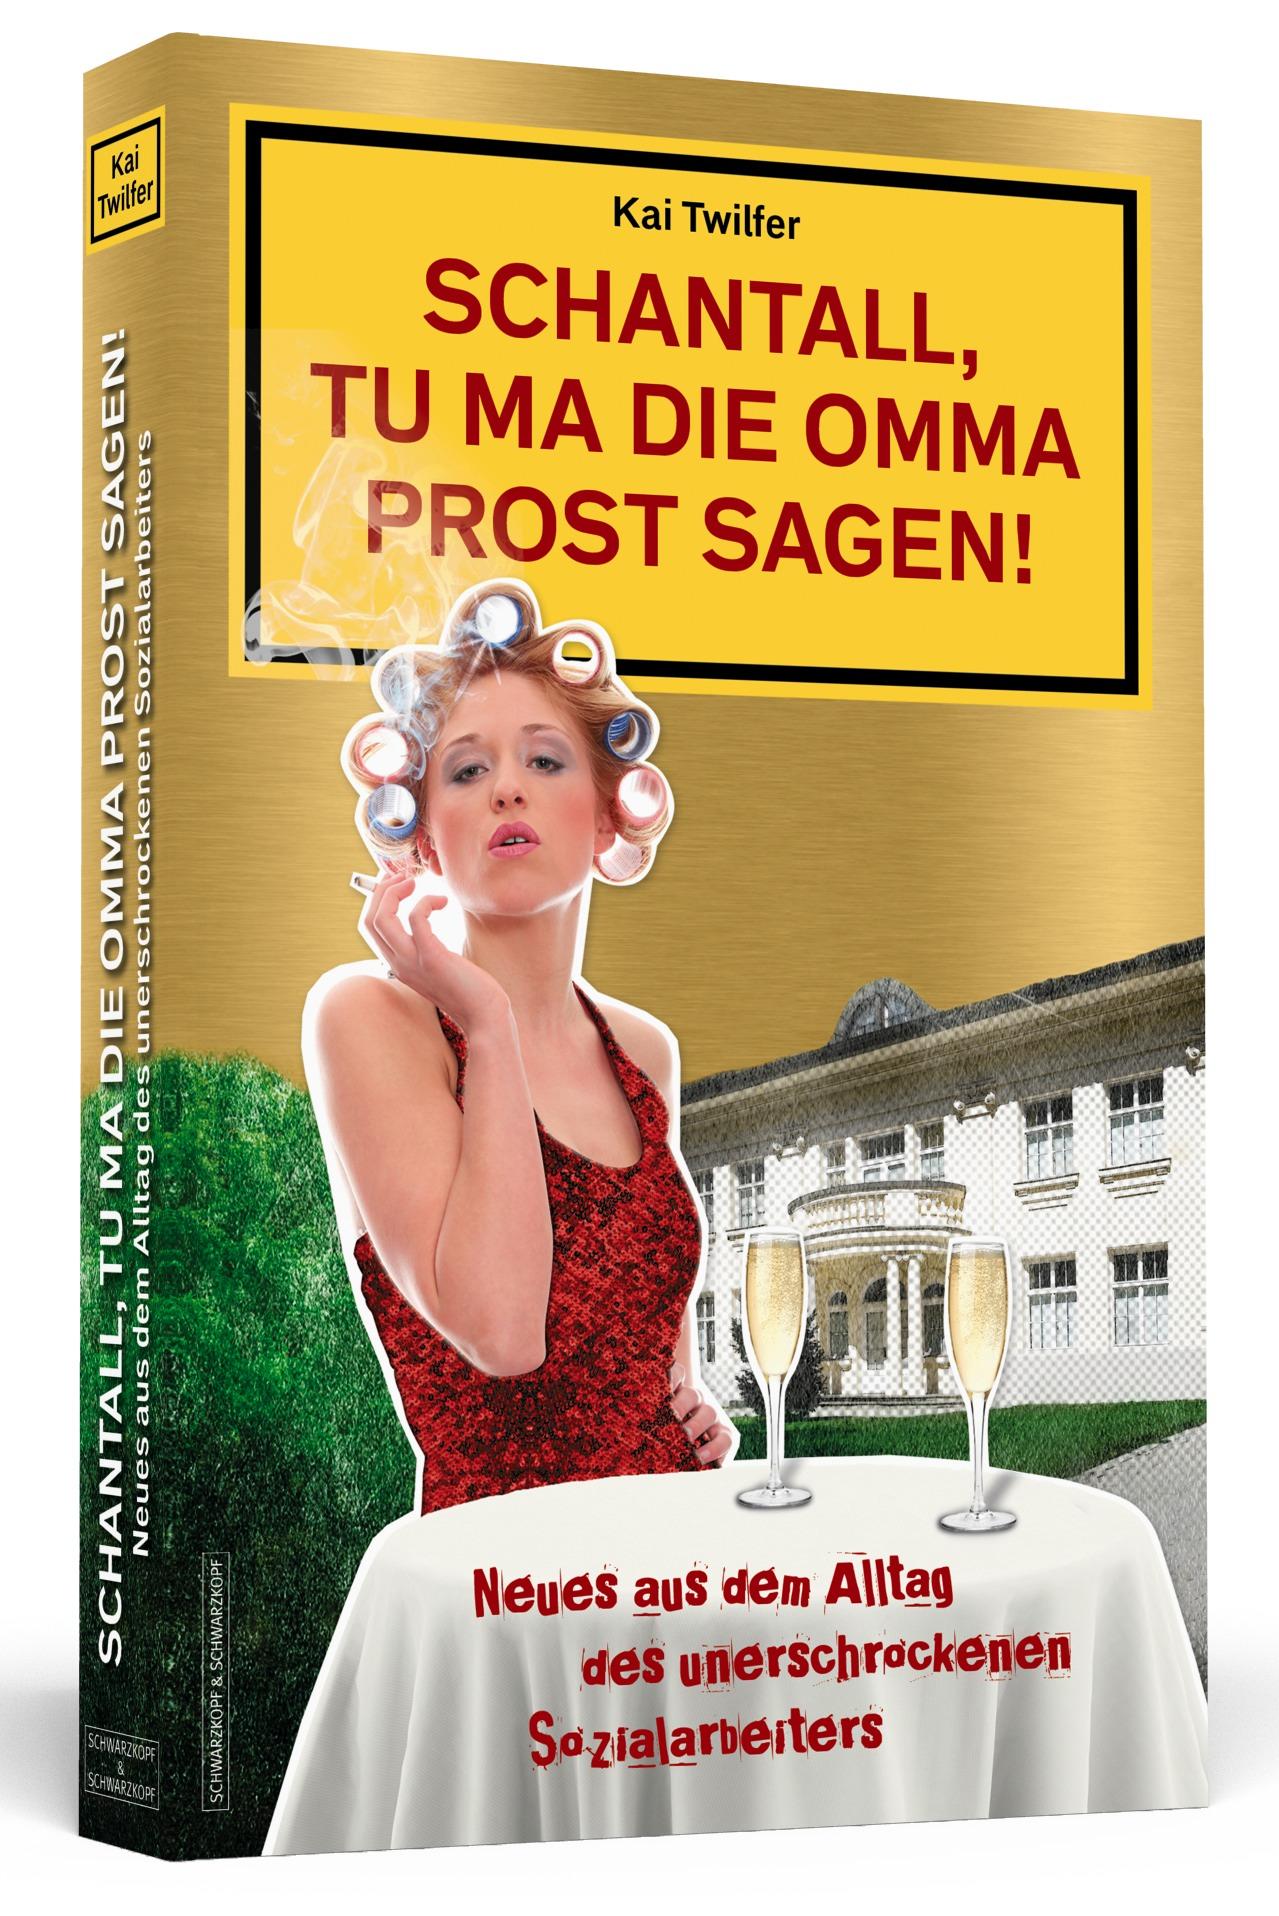 Schantall, tu ma die Omma Prost sagen! - Neues aus dem Alltag des unerschrockenen Sozialarbeiters - Kai Twilfer [Broschi